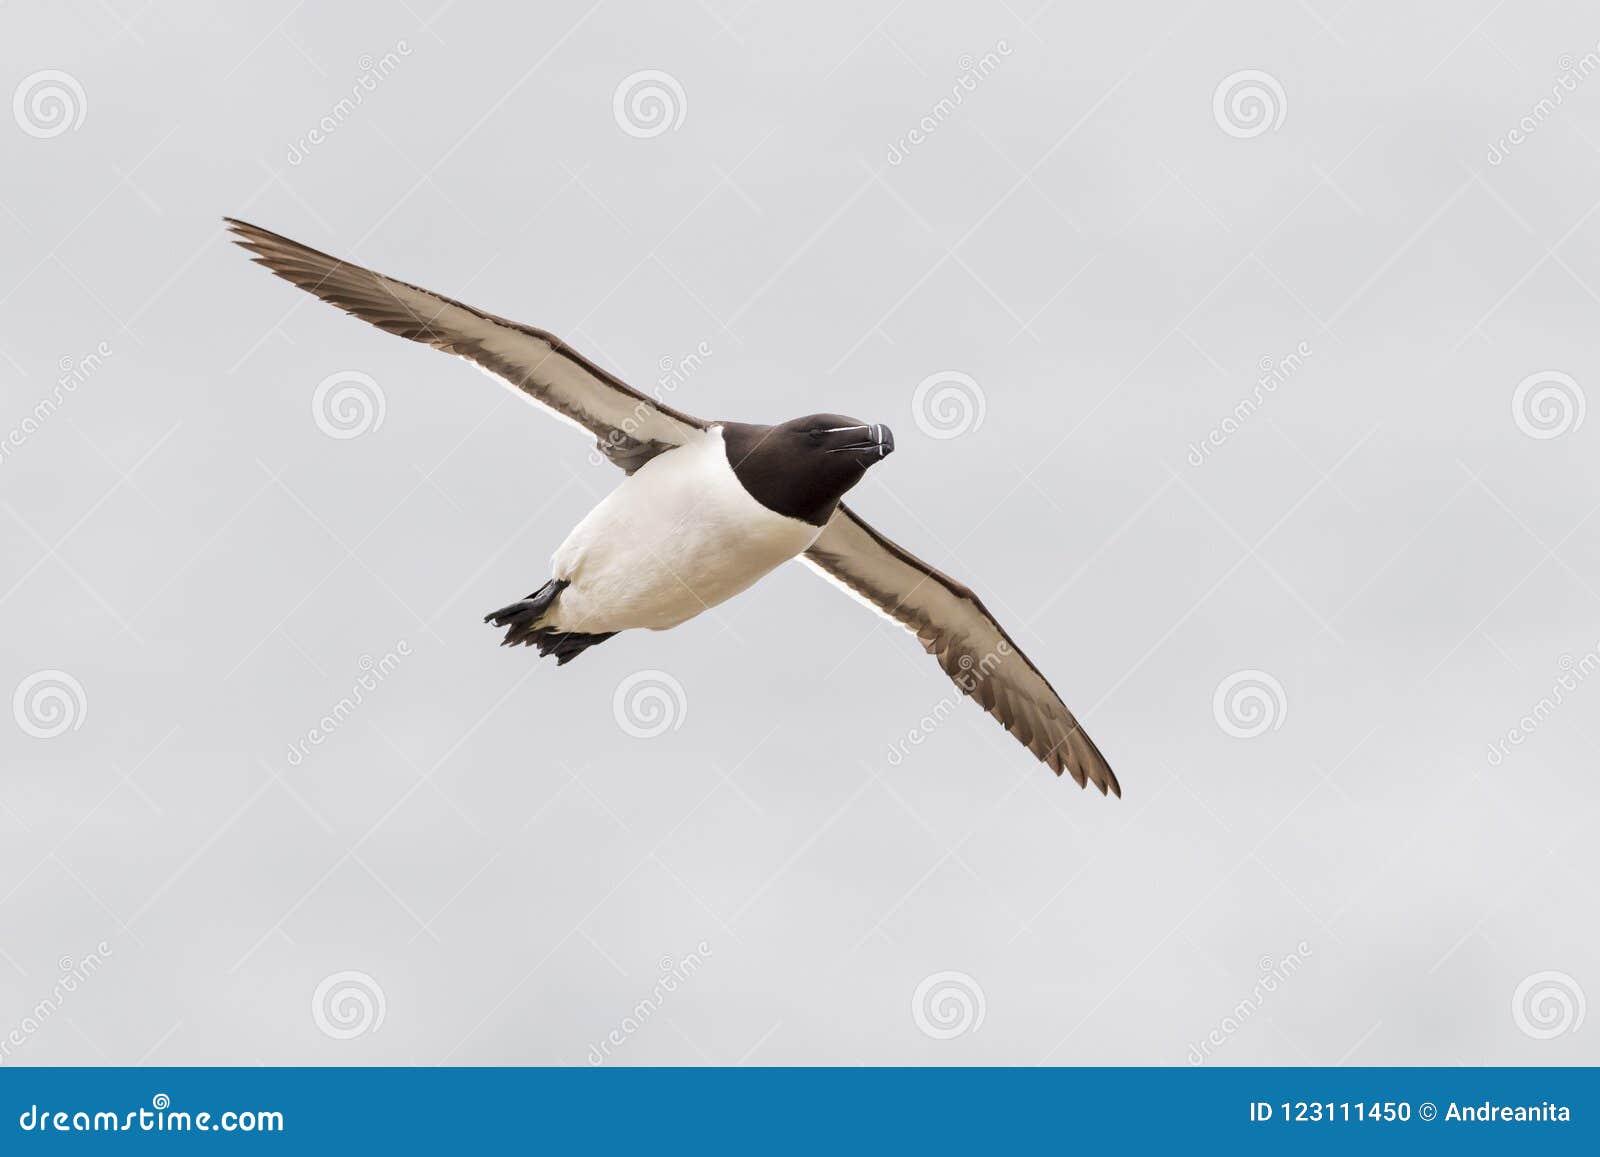 Razorbill Alca torda adult, in flight